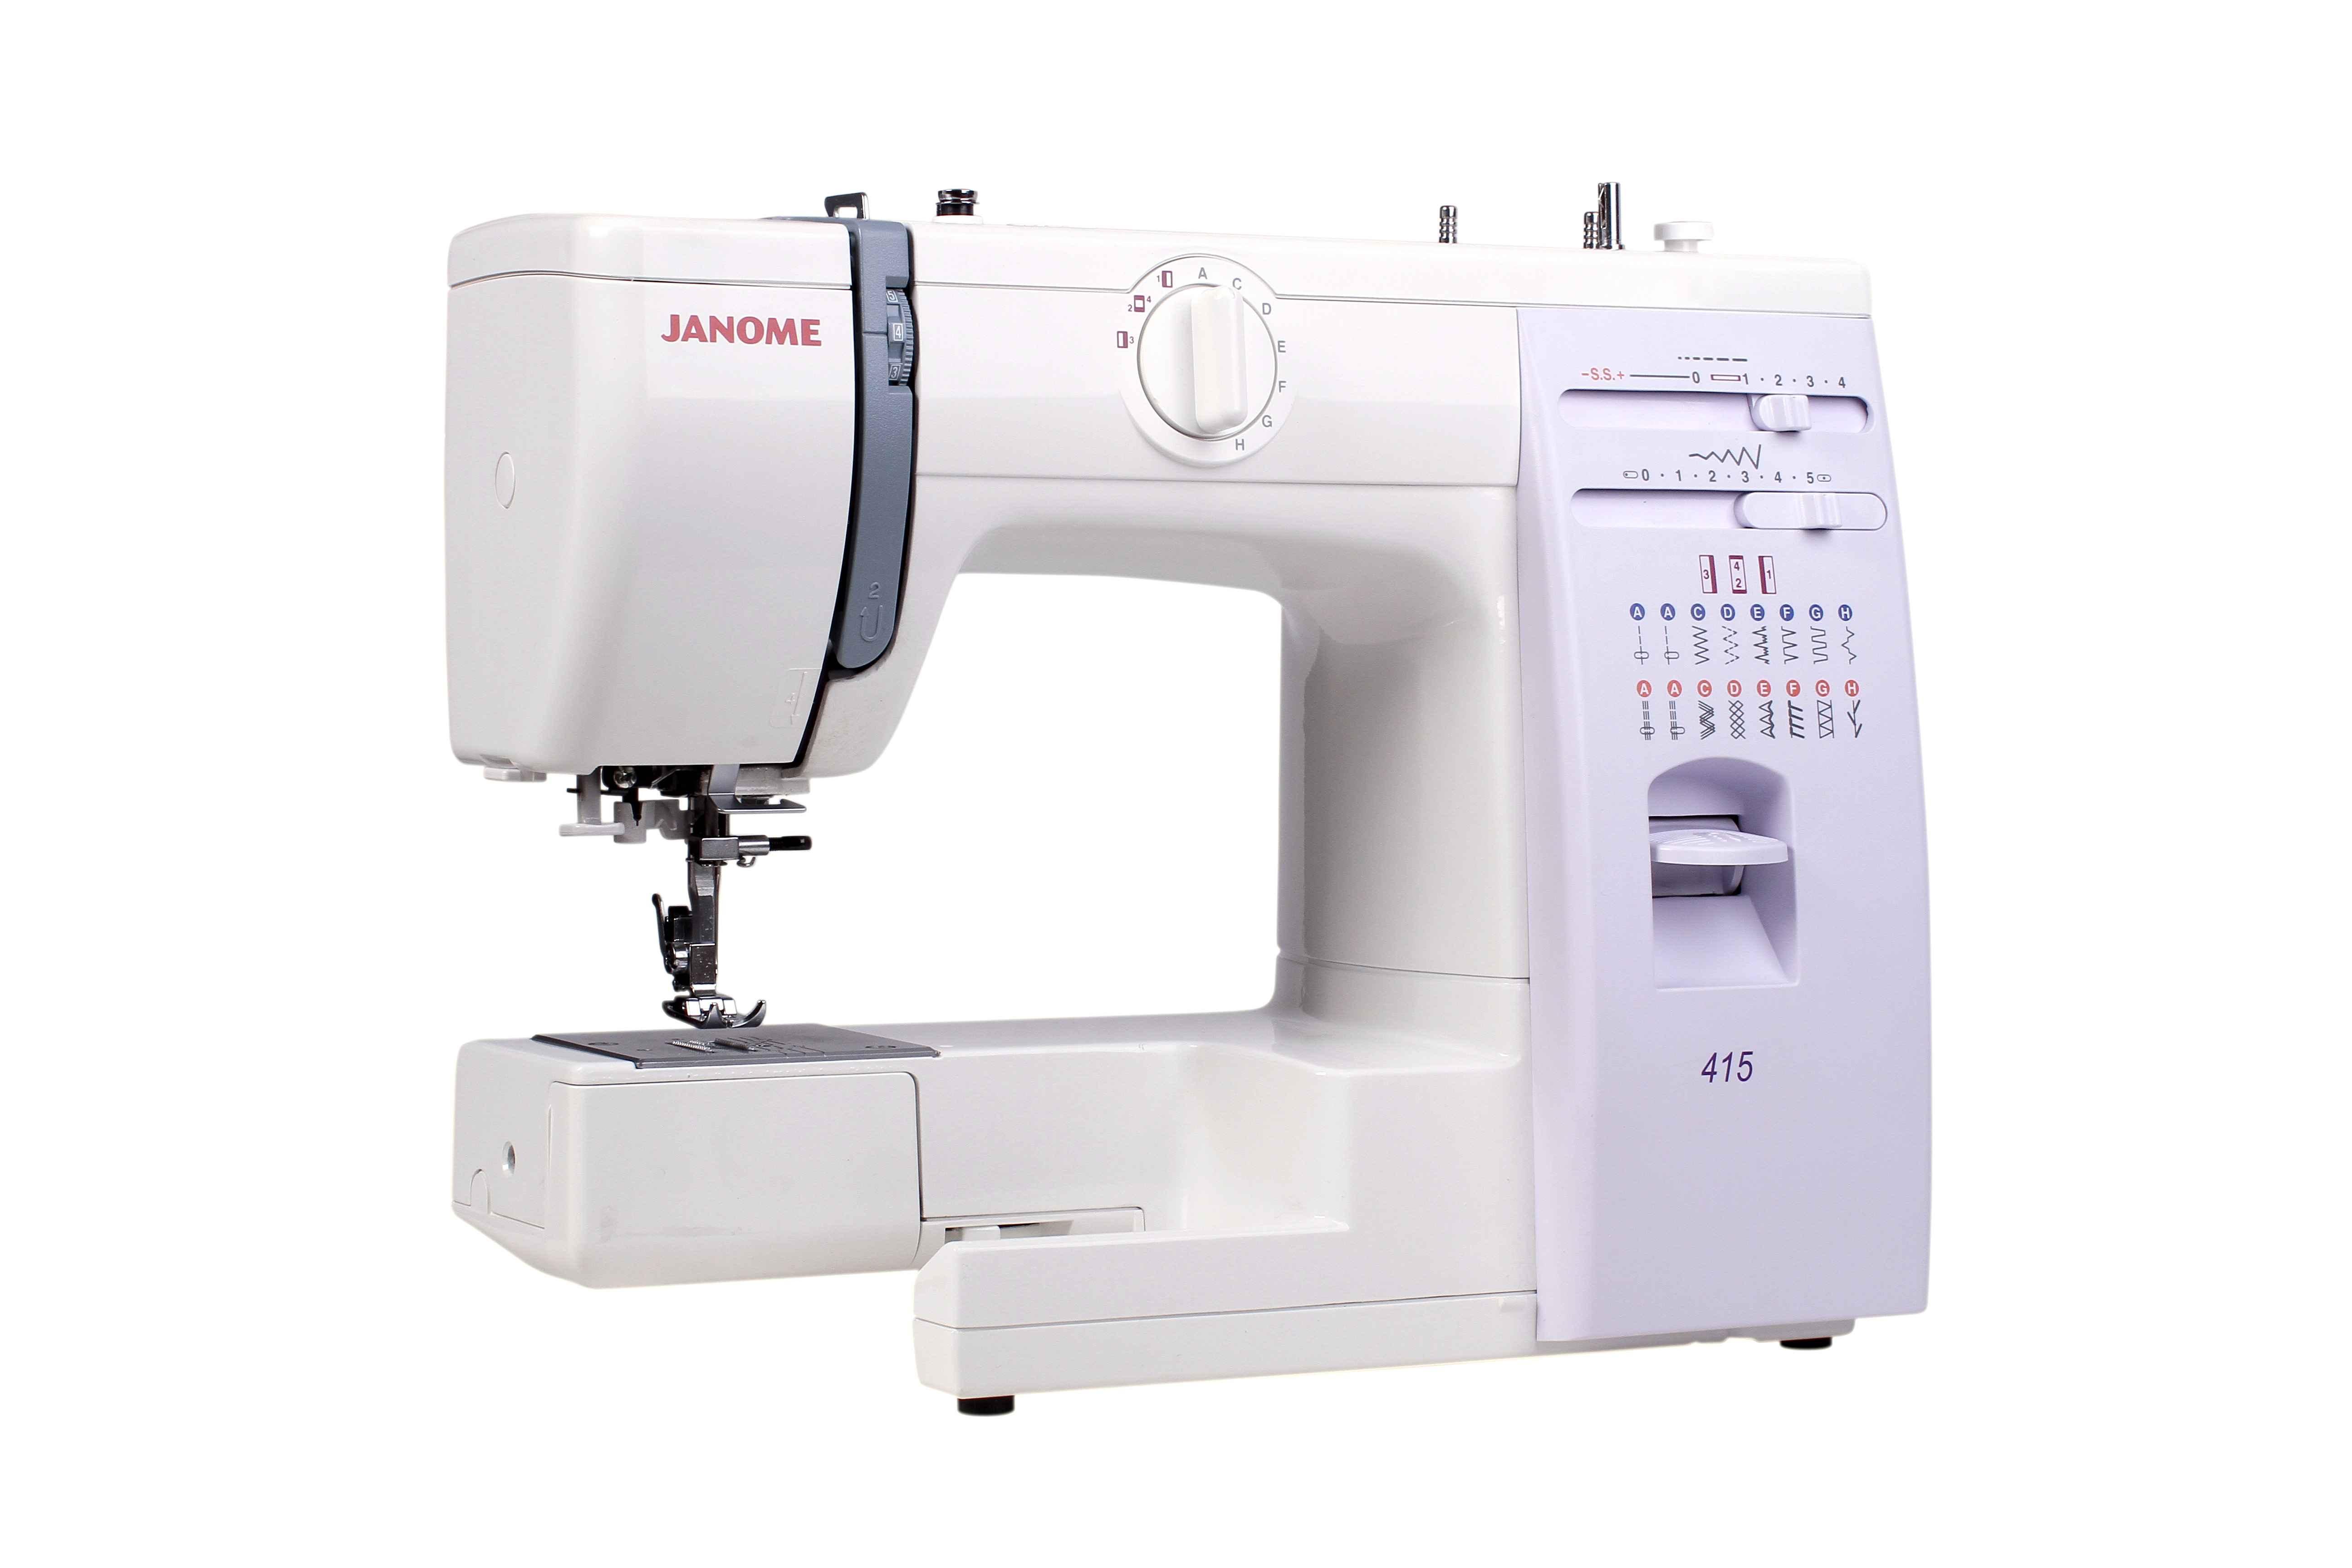 Швейная машина Janome 5515 / 415 швейная машина janome 415 415